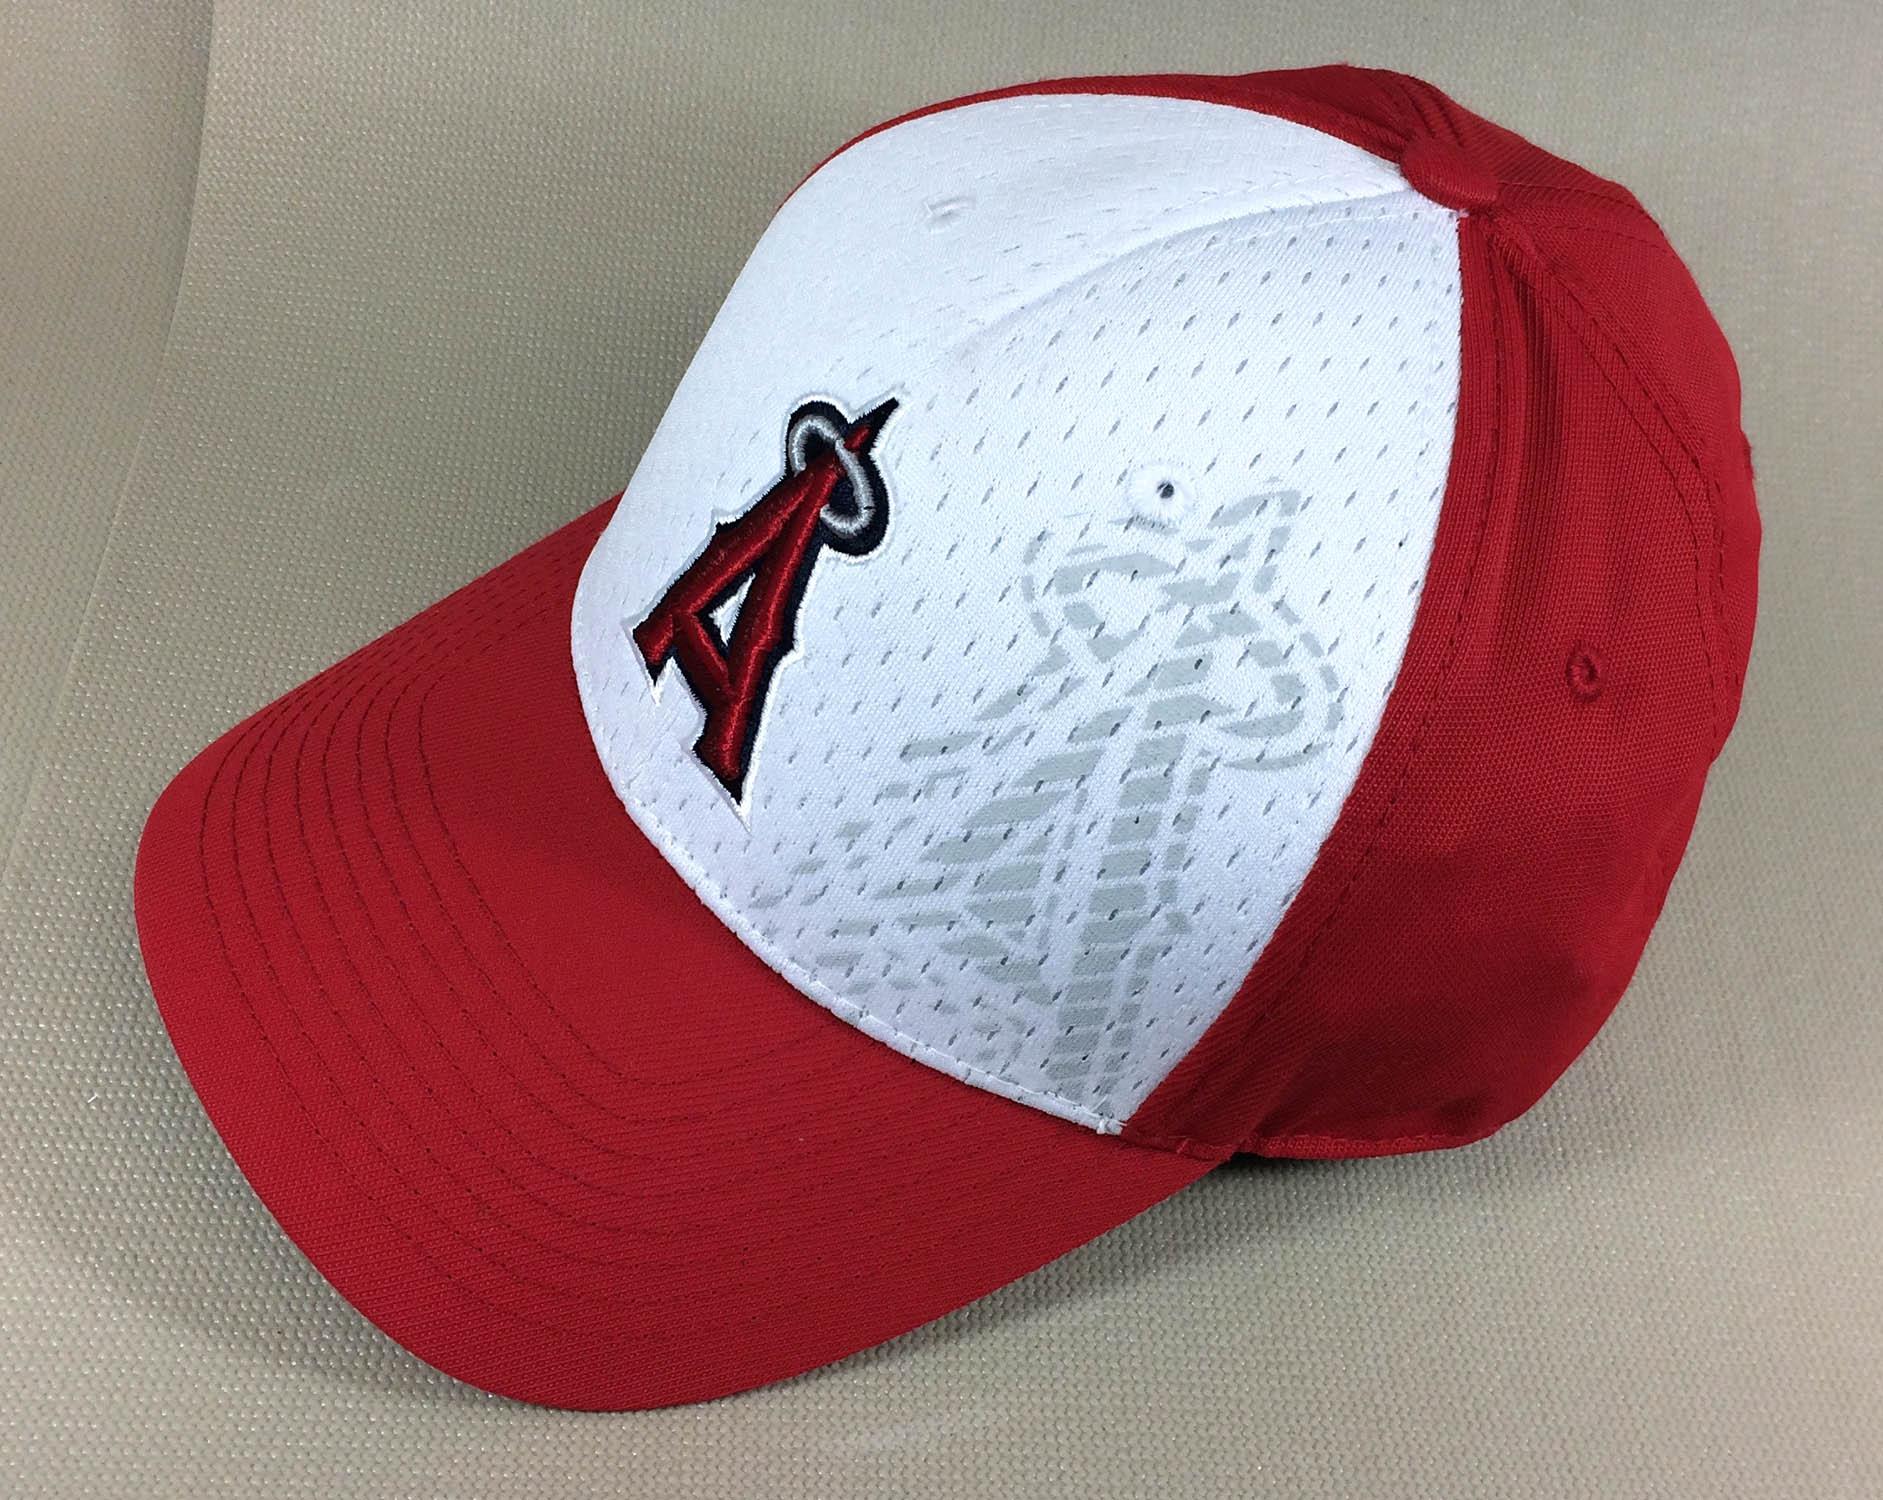 43051c06dfe Los Angeles Angels Baseball Cap - SportsHistoryCollectibles.com